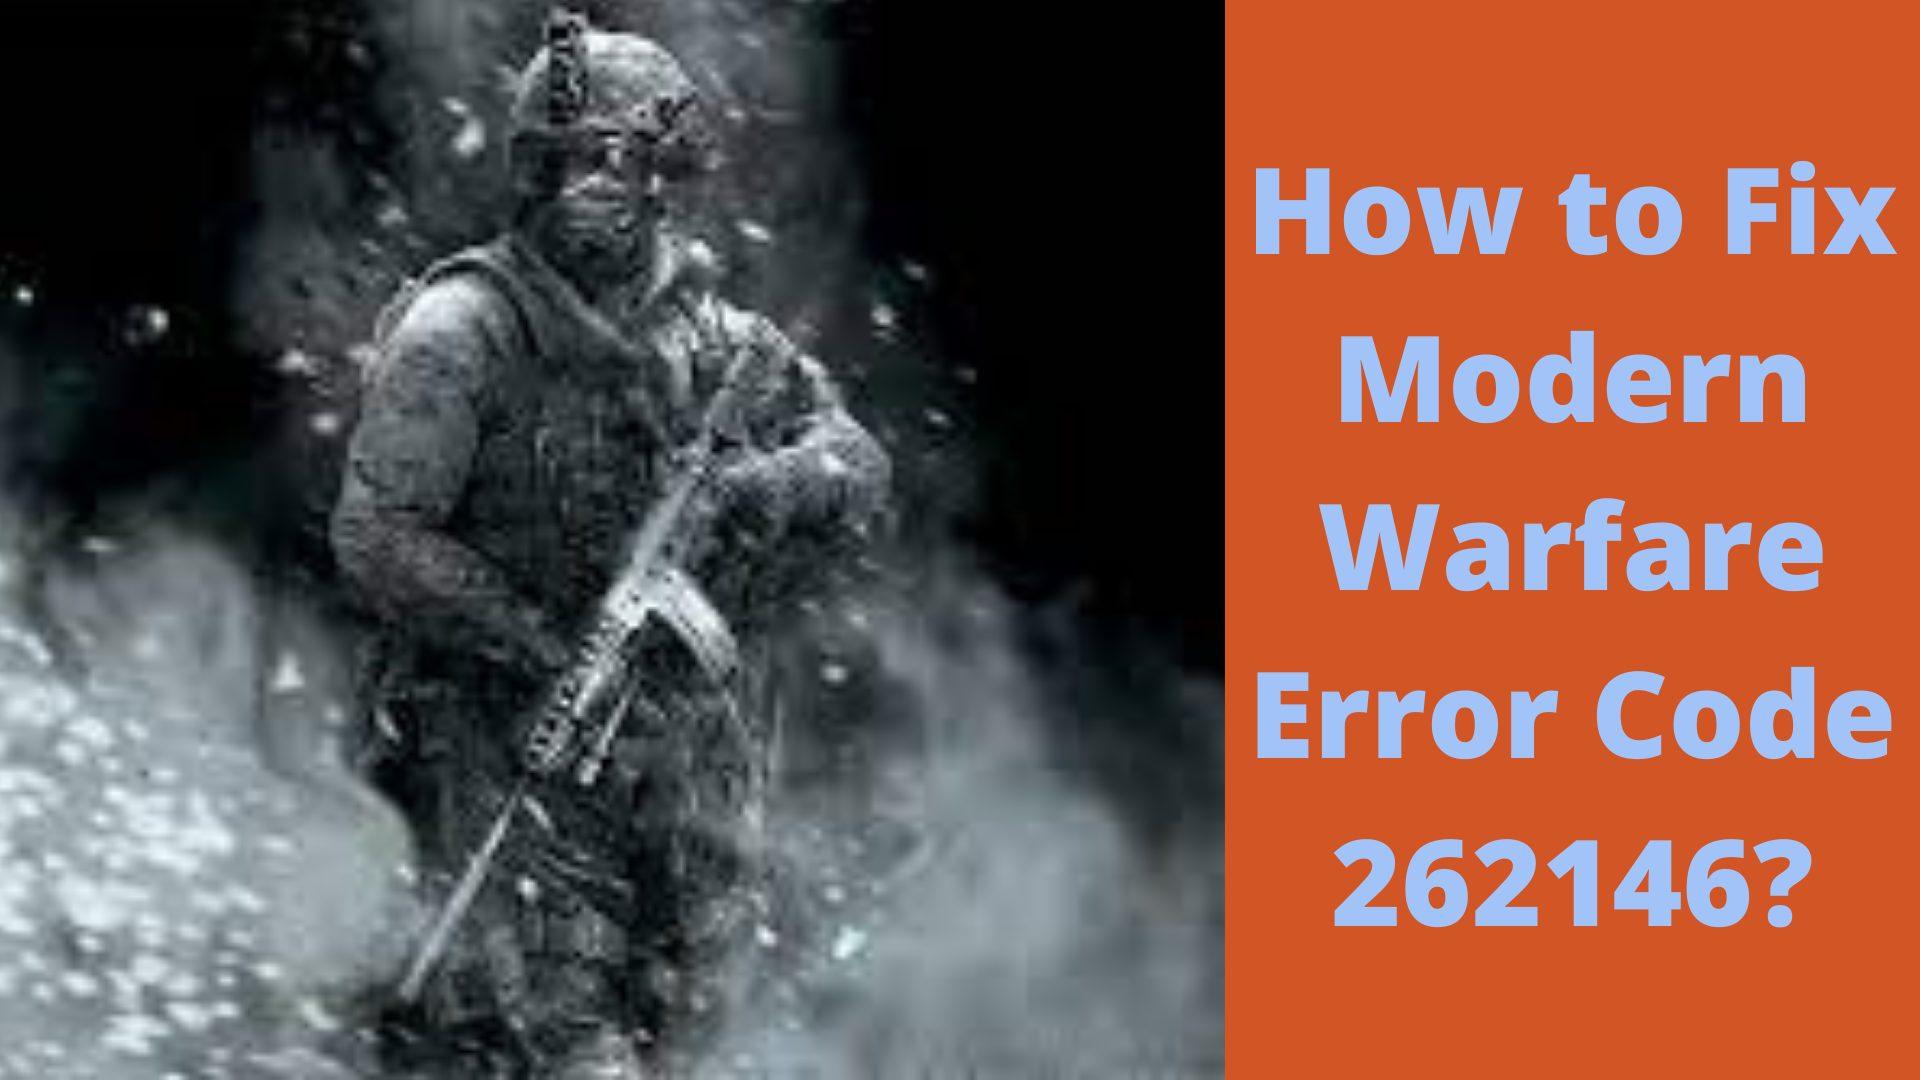 Modern Warfare Error Code 262146